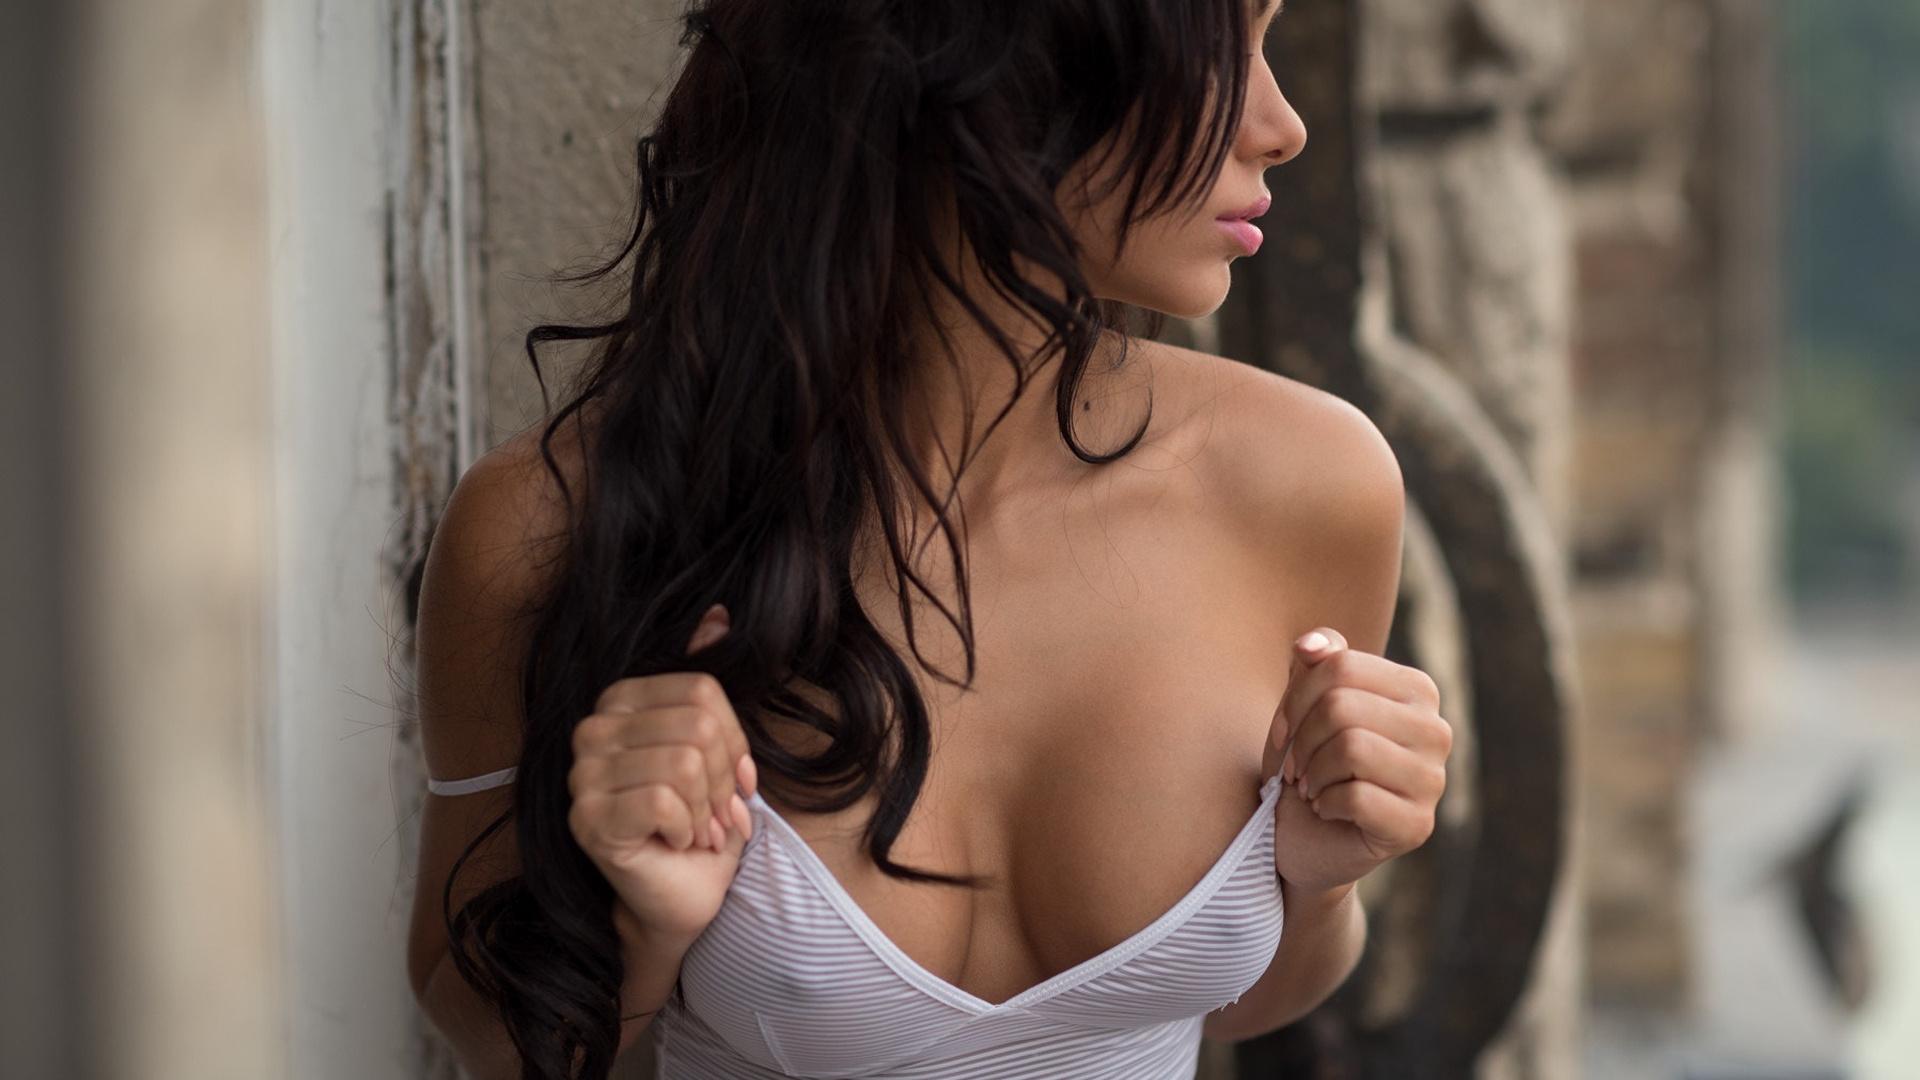 Раком фото красивый гламурный секс с большим груди и соски элитные